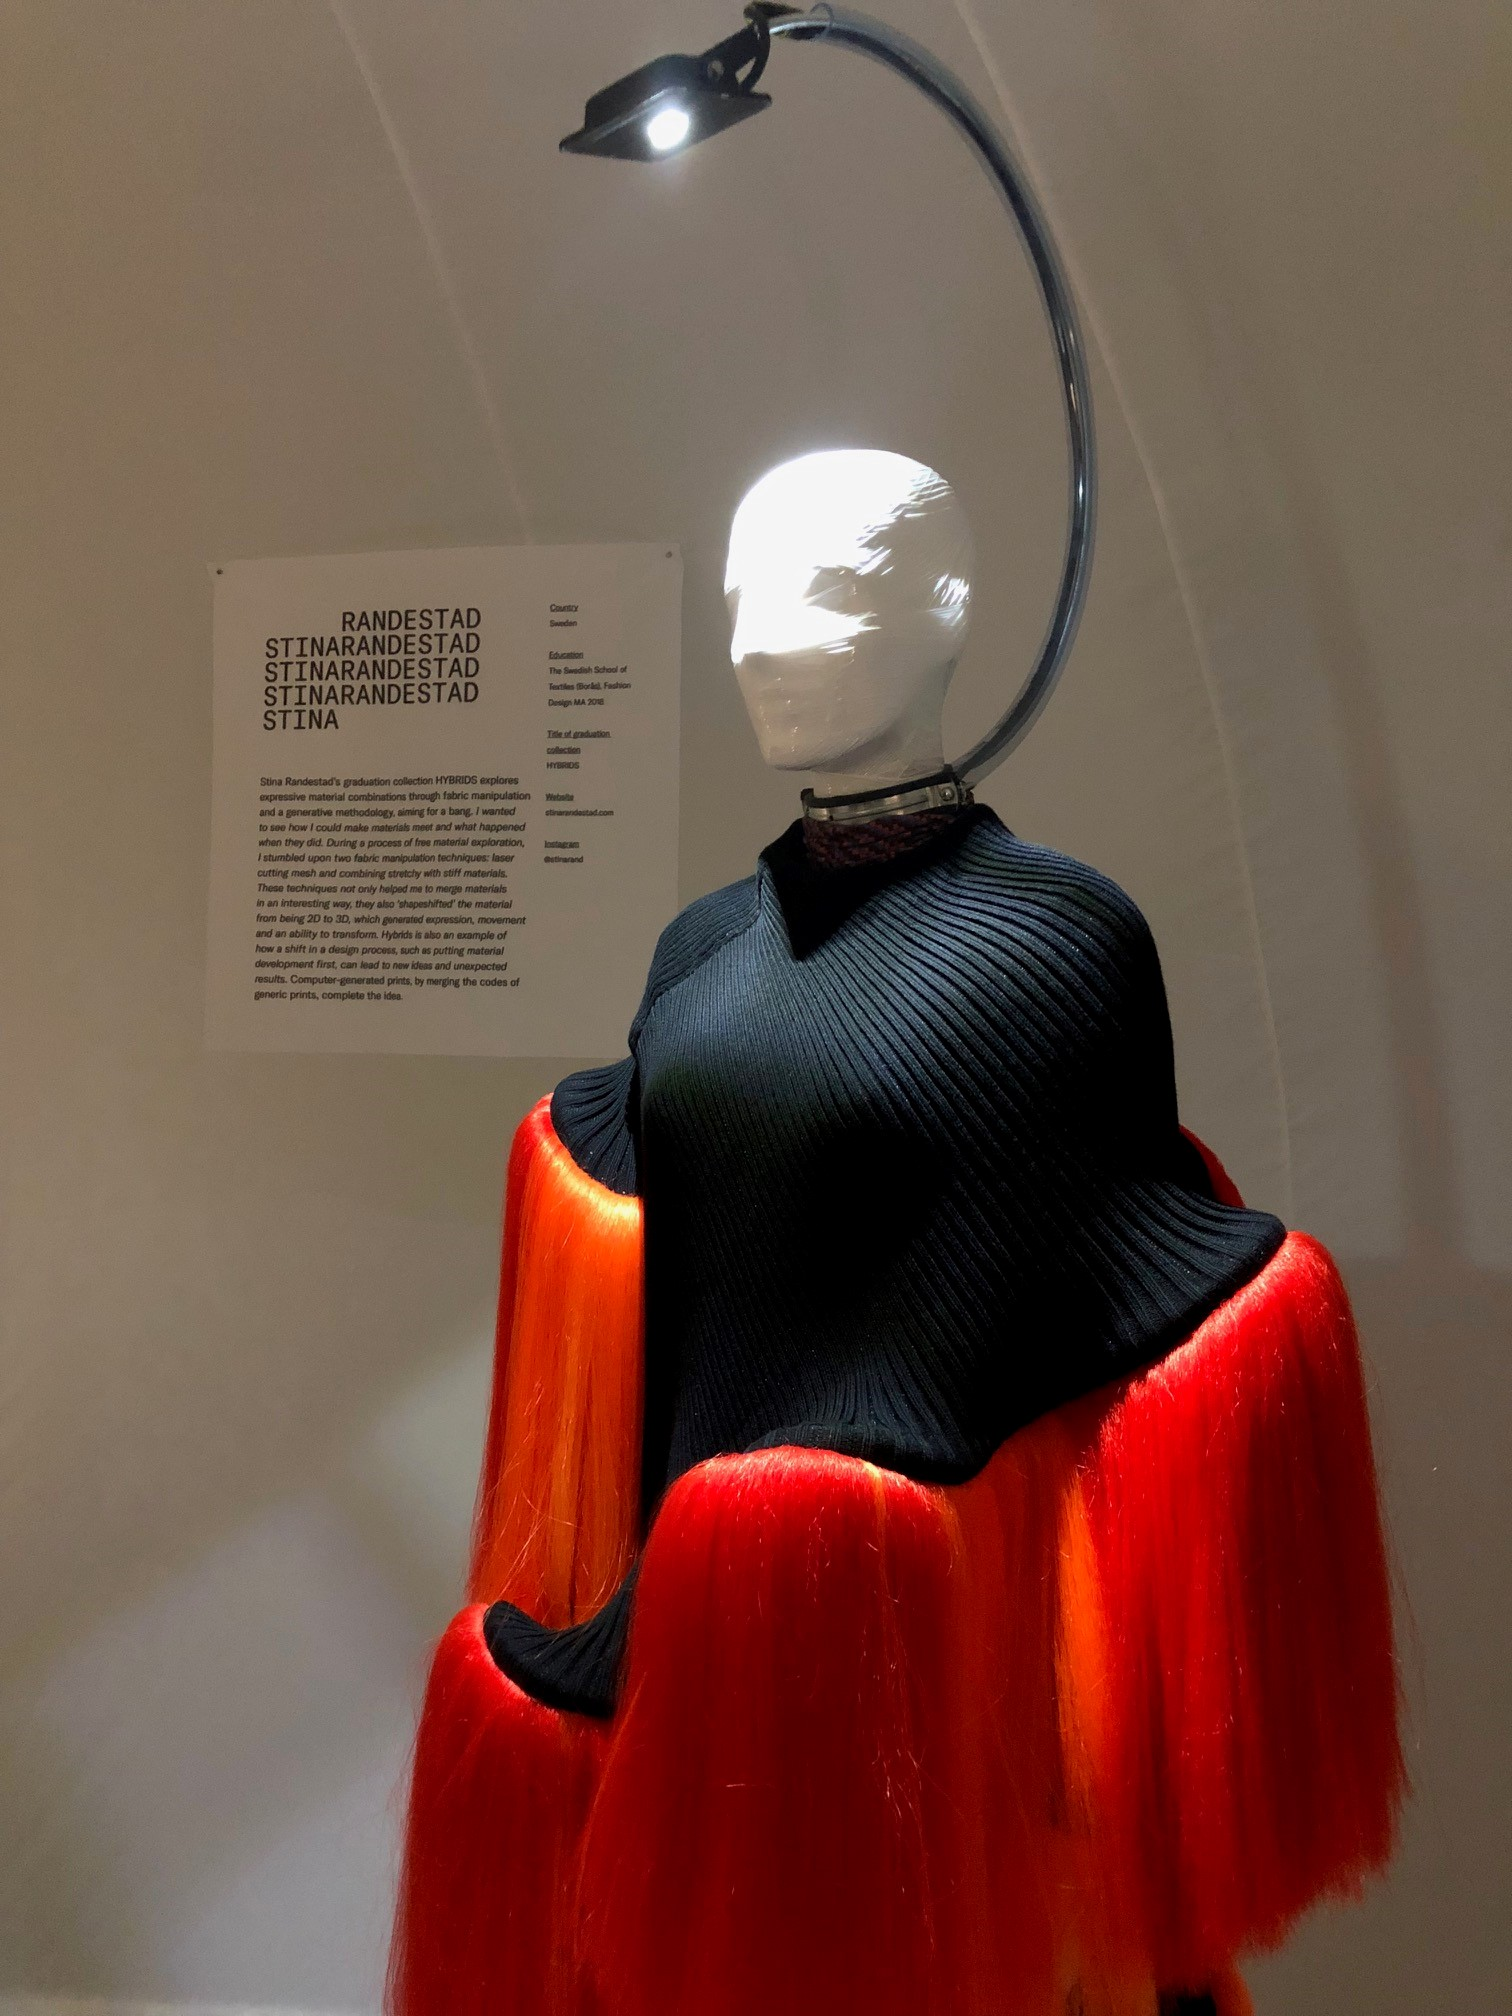 Fashion-forward at Dutch Design Week